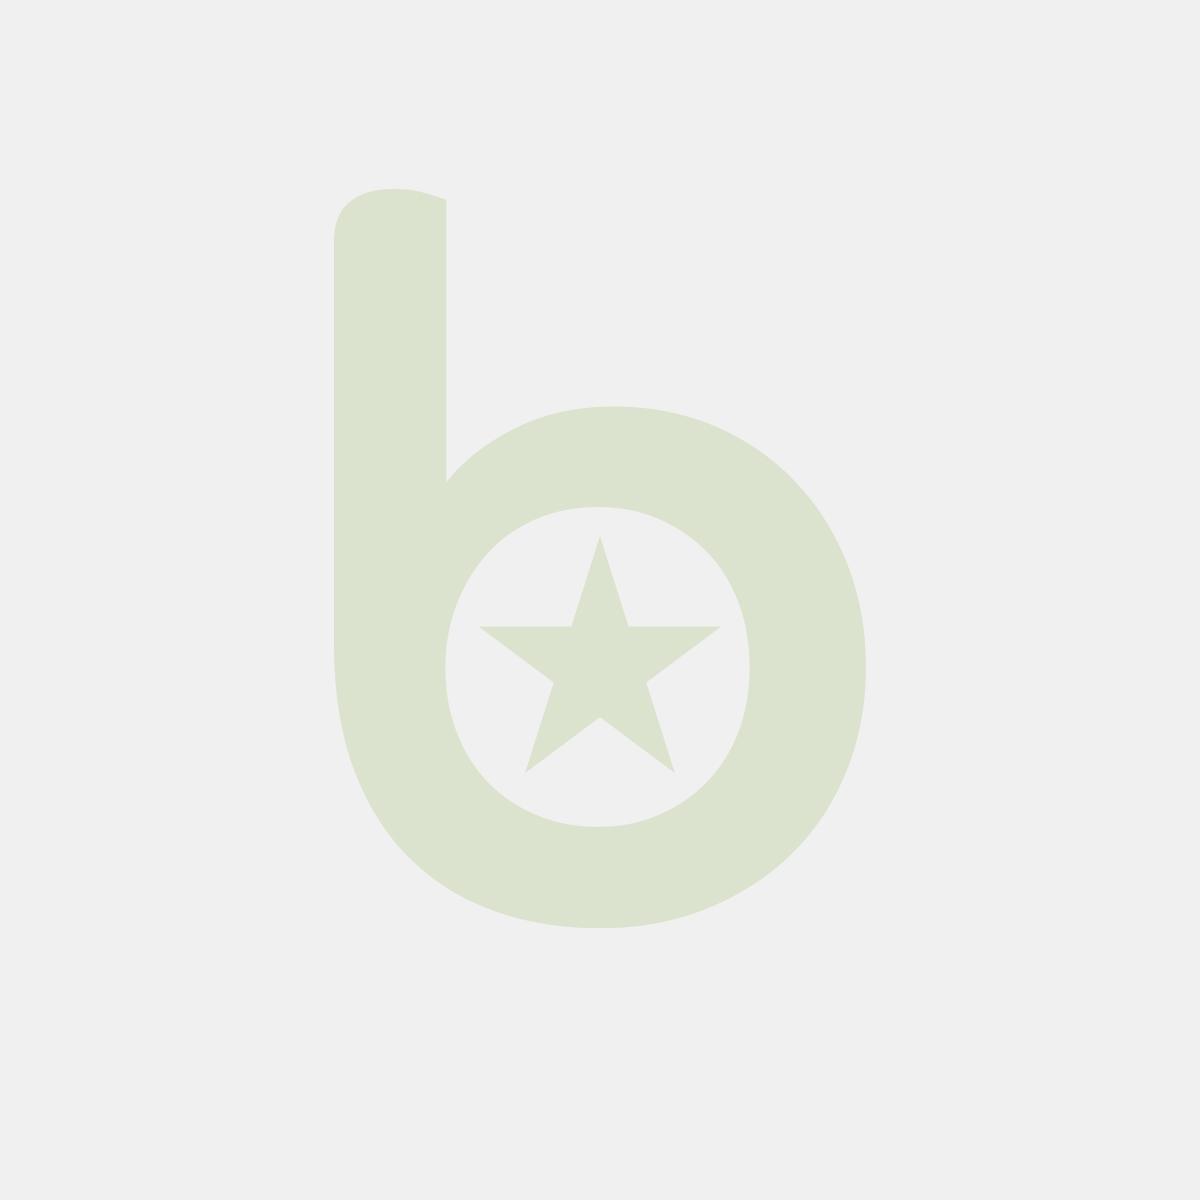 Bloczki samoprzylepne Post-it® Super Sticky (654-P16SSCY-EU), 76x76mm, 16x90 kart., żółte, 2 bloczki GRATIS